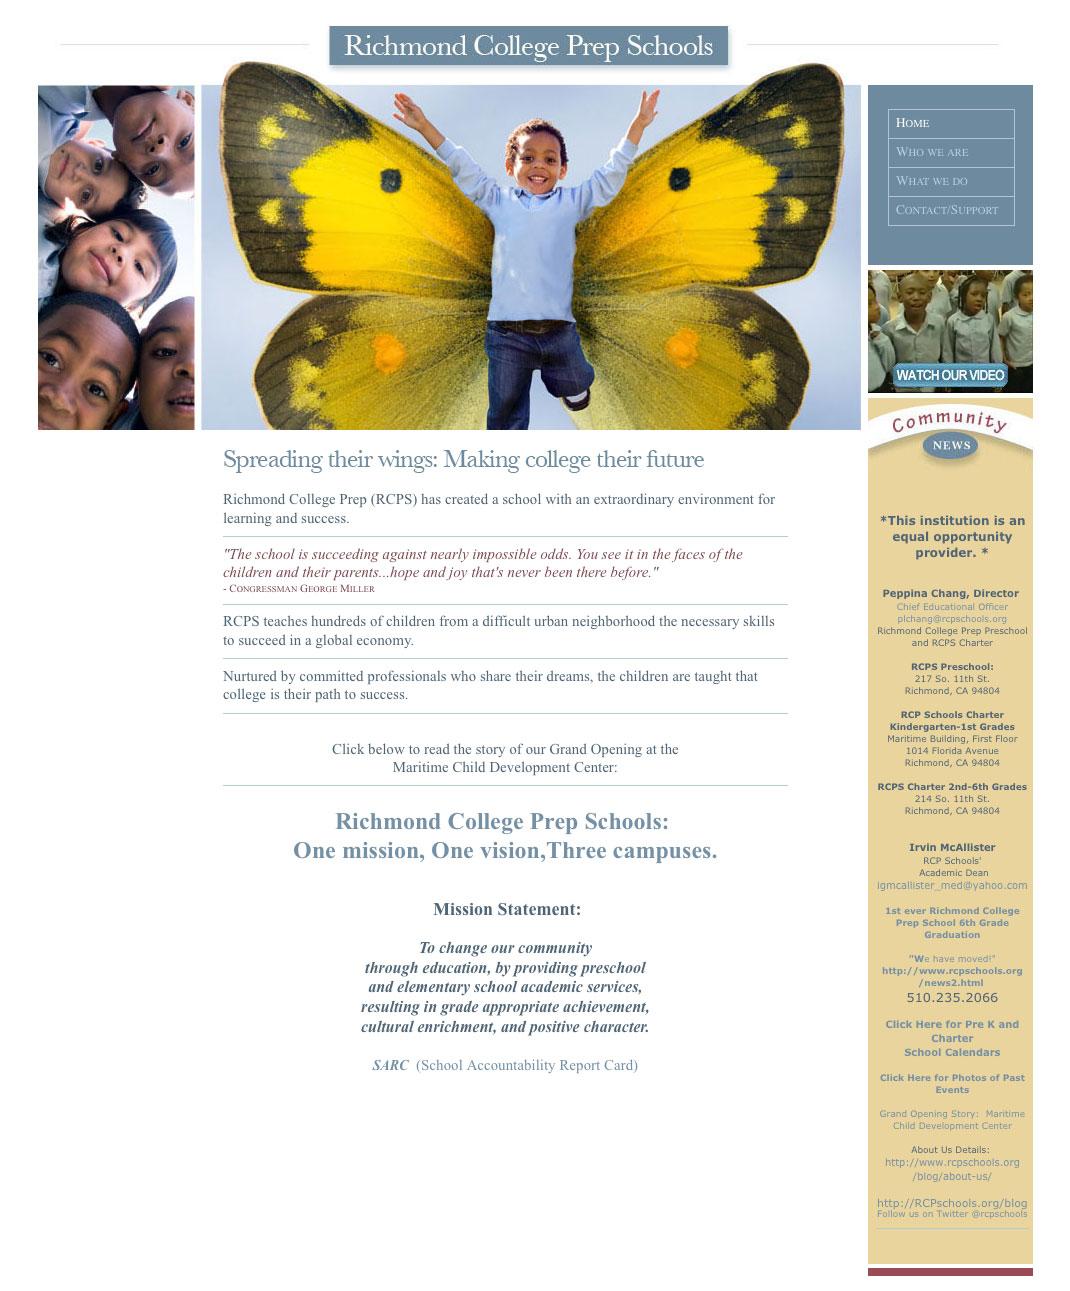 richmond-college-prep-schools-website-old